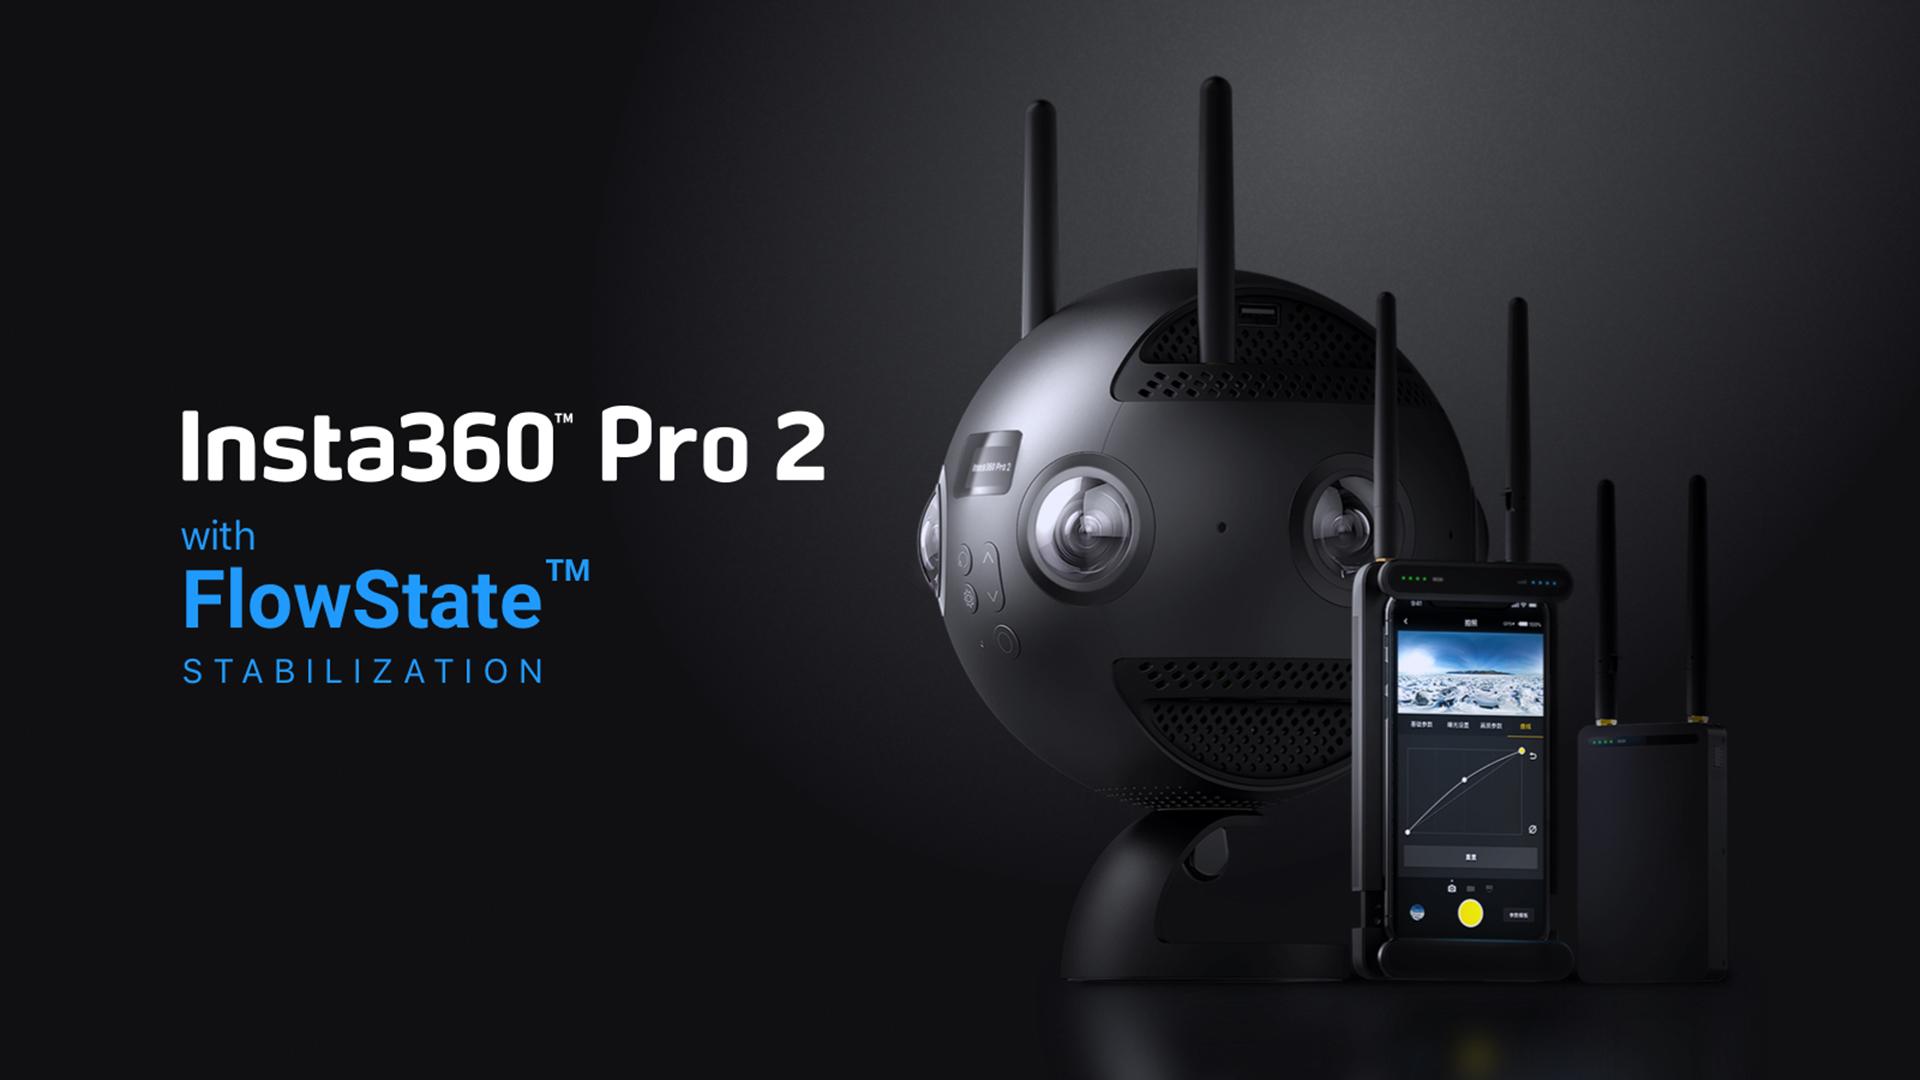 Anunciaron el Lanzamiento del Insta360 Pro 2 – Bienvenidos al Siguiente Nivel en Videos 360°